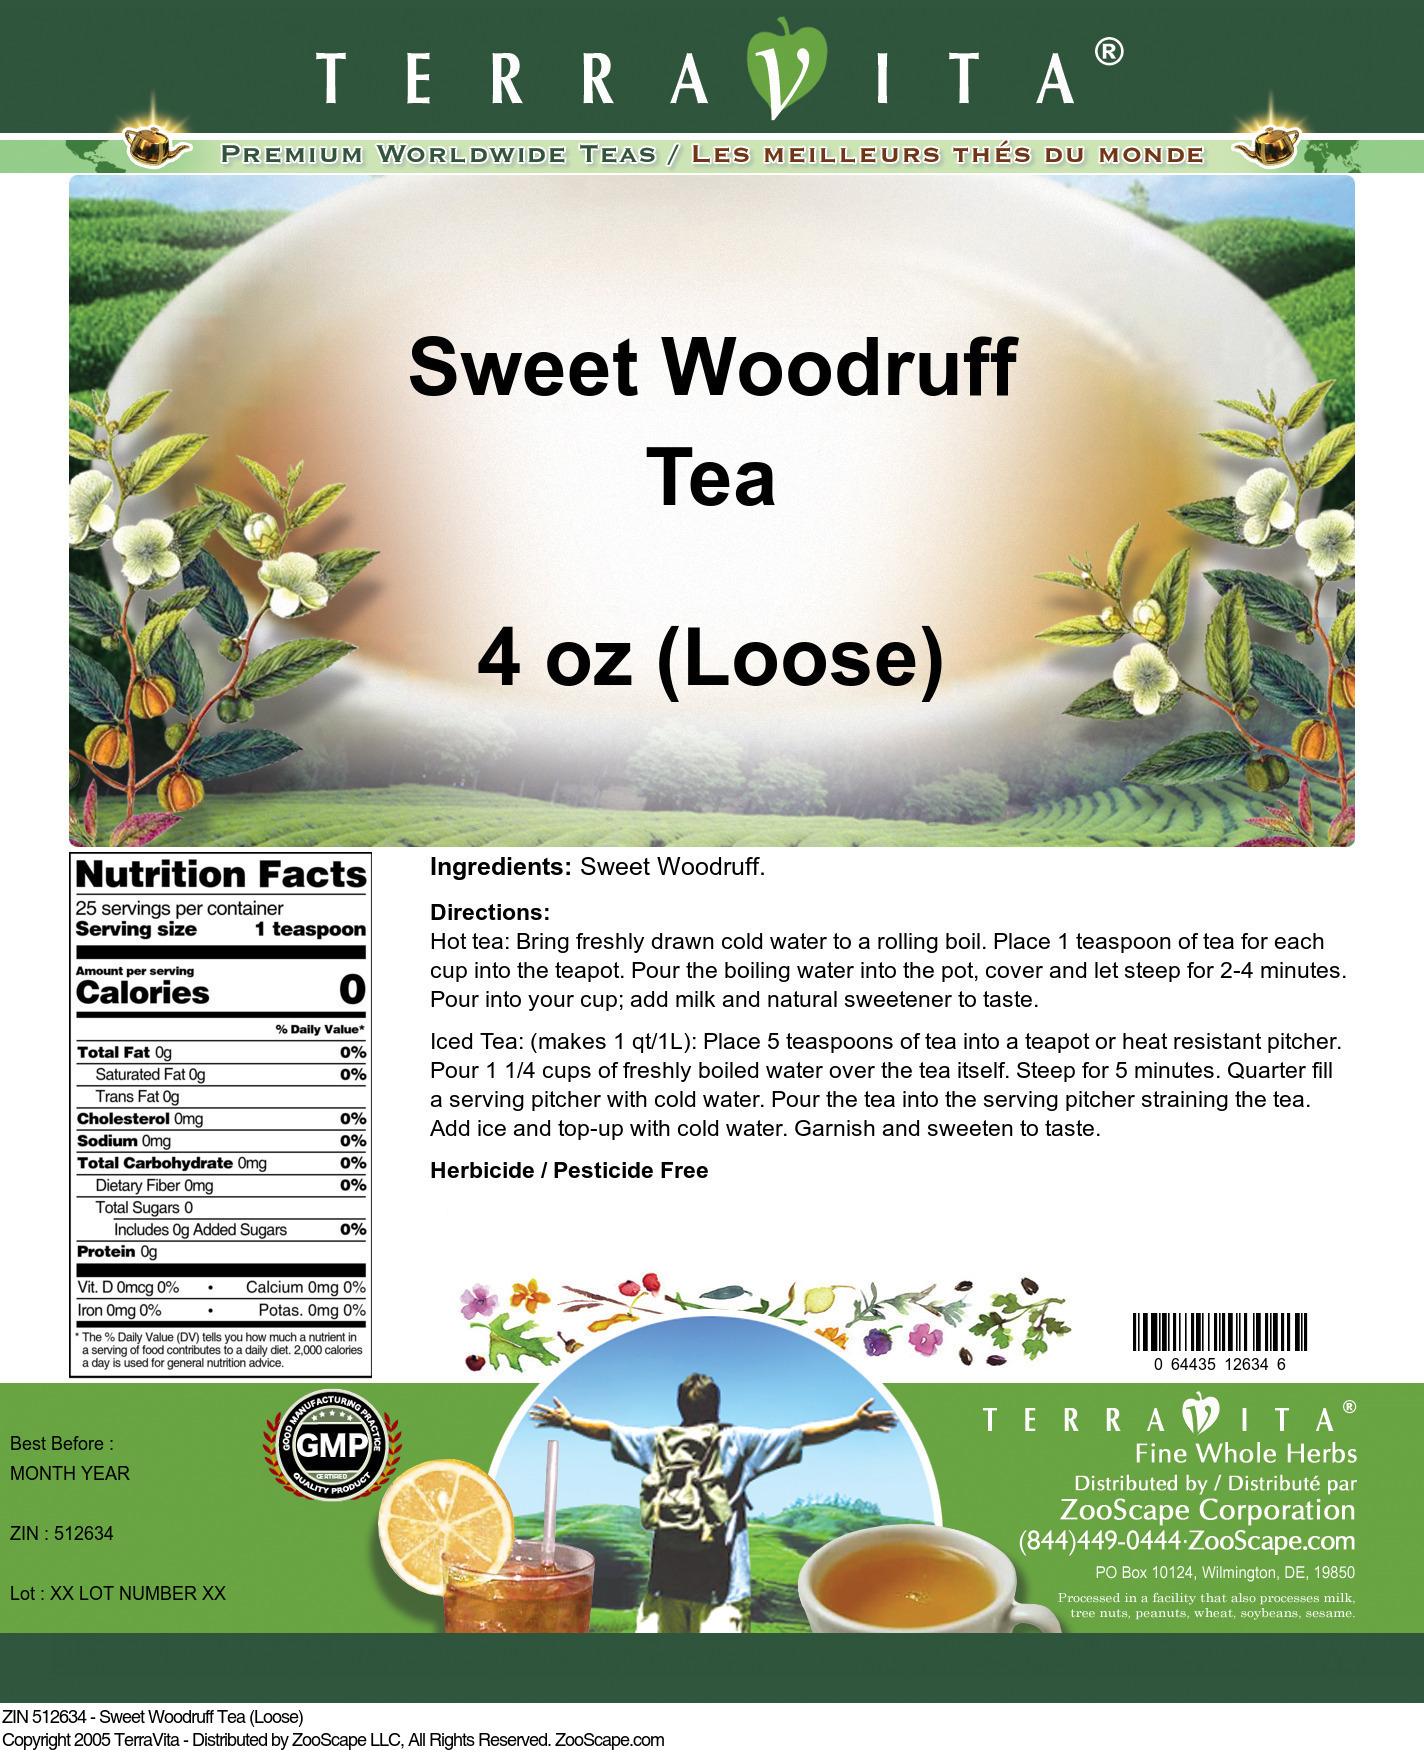 Sweet Woodruff